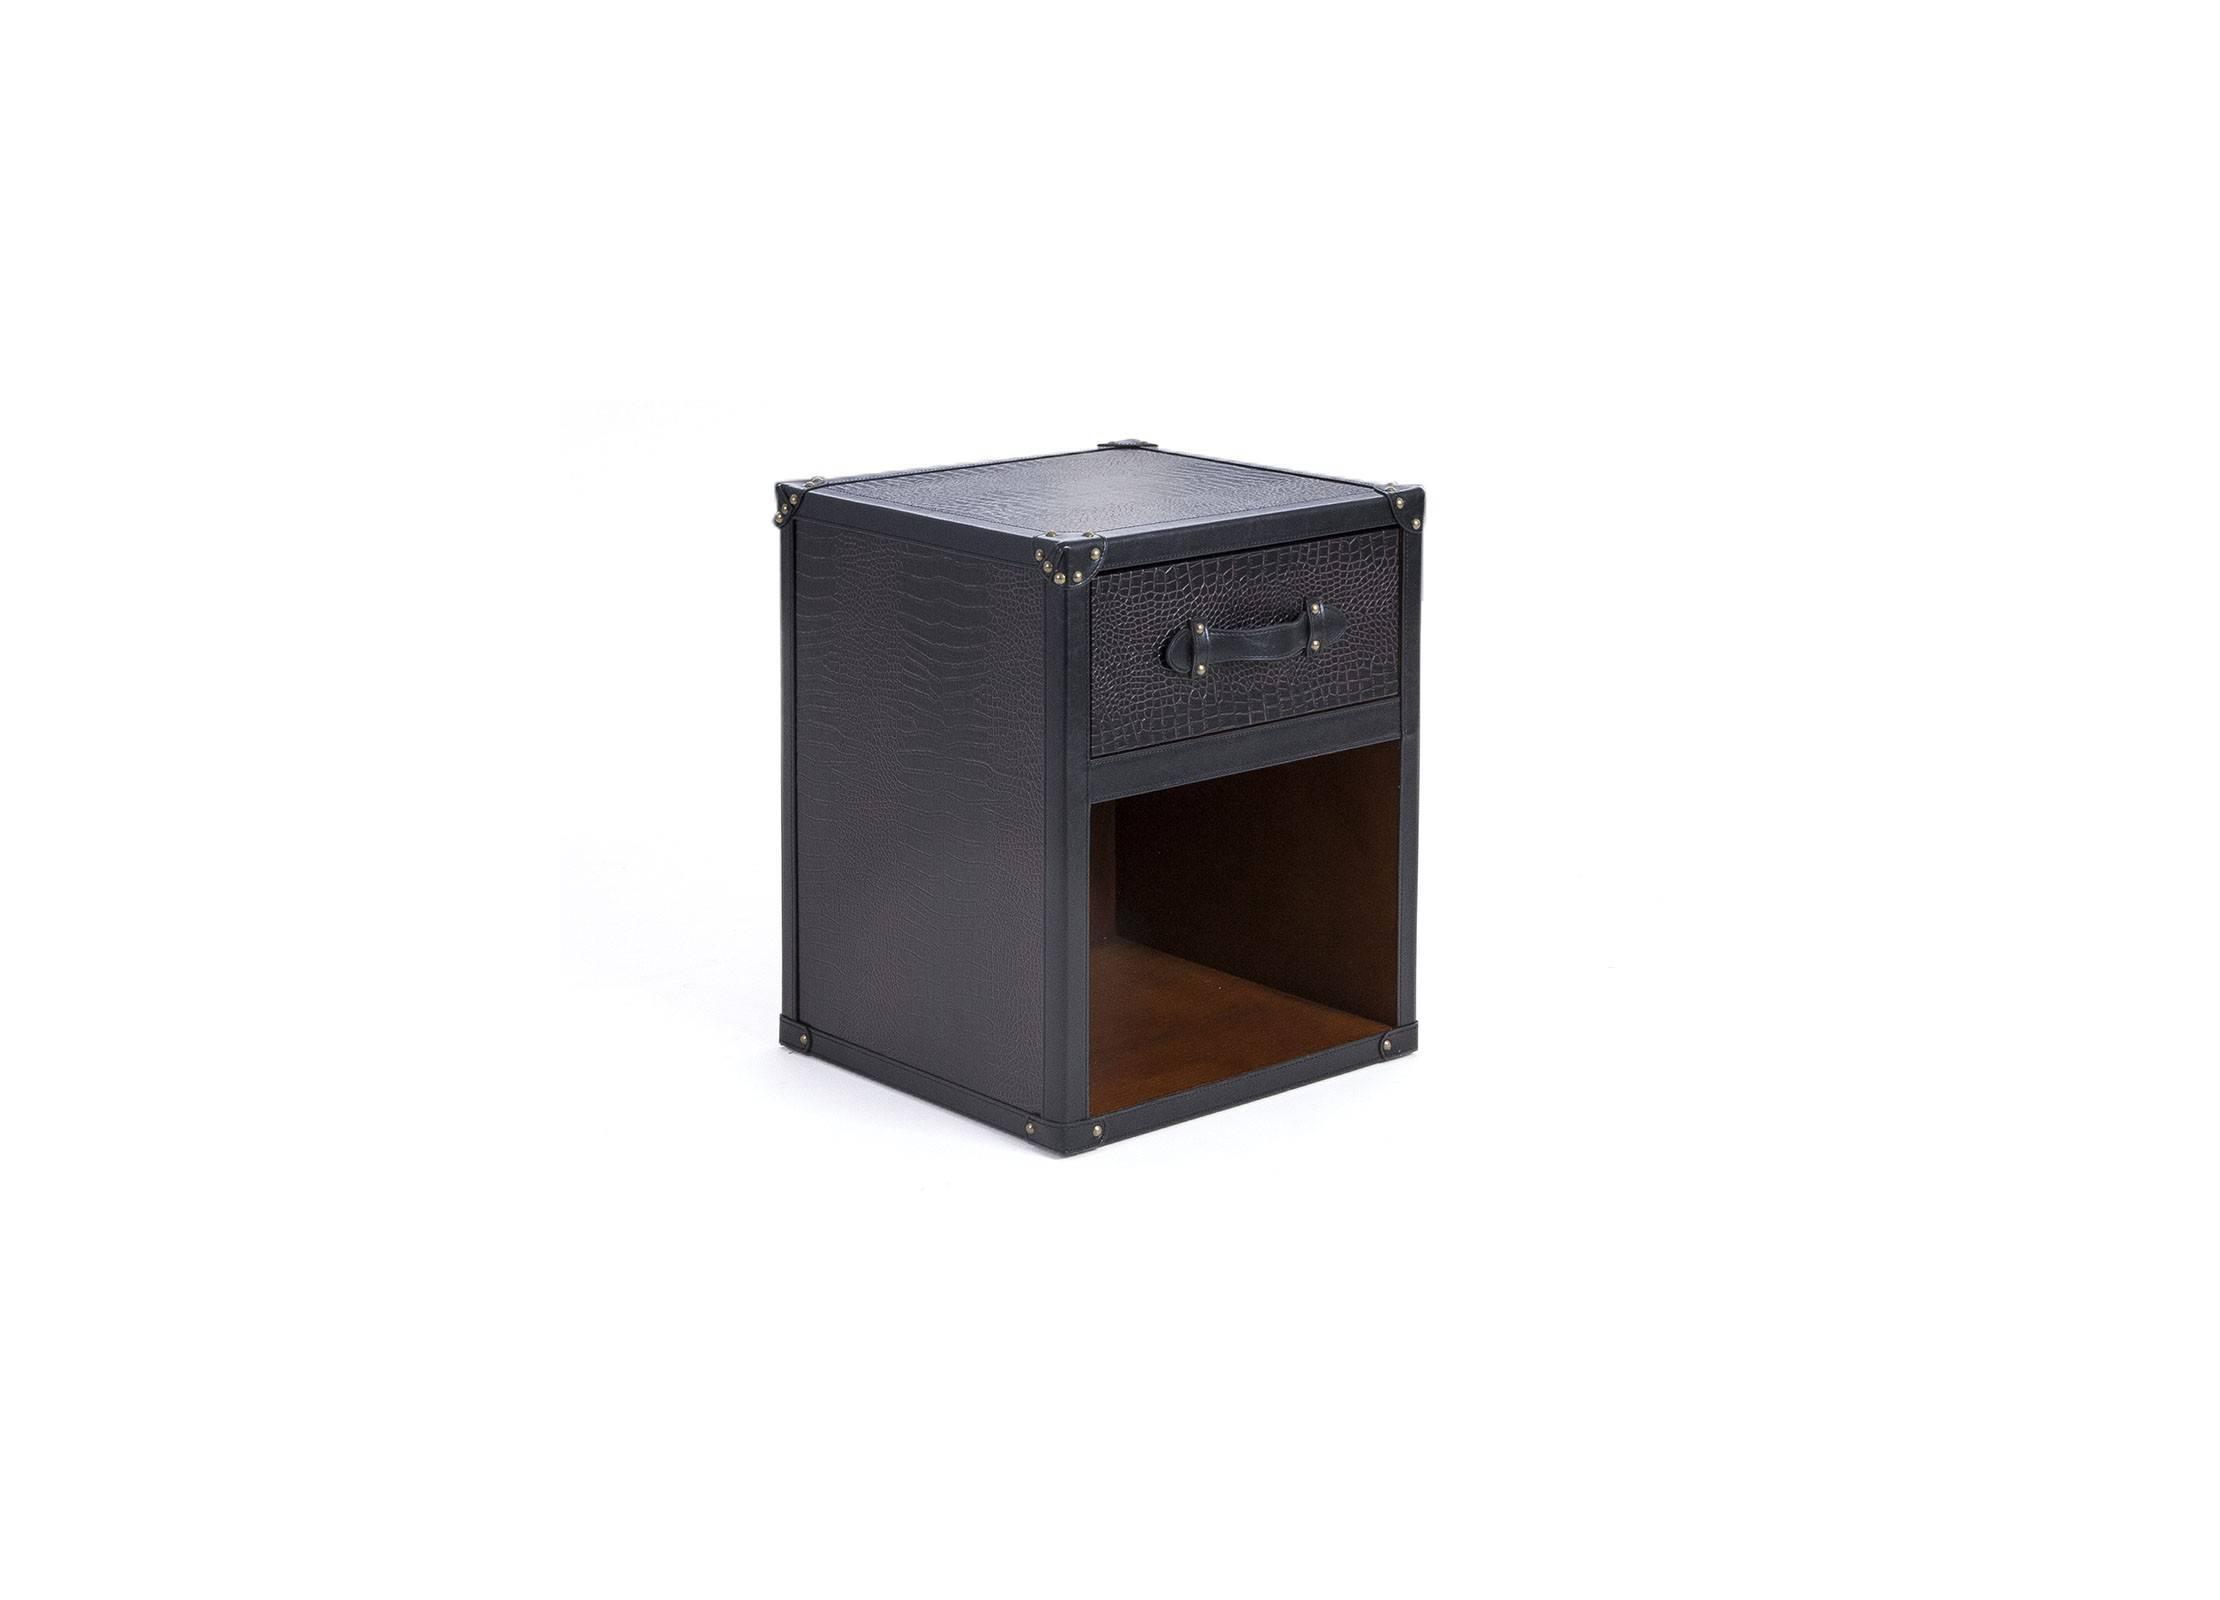 table chevet 1 tiroir et 1 niche en simili cuir croco marron fonc. Black Bedroom Furniture Sets. Home Design Ideas